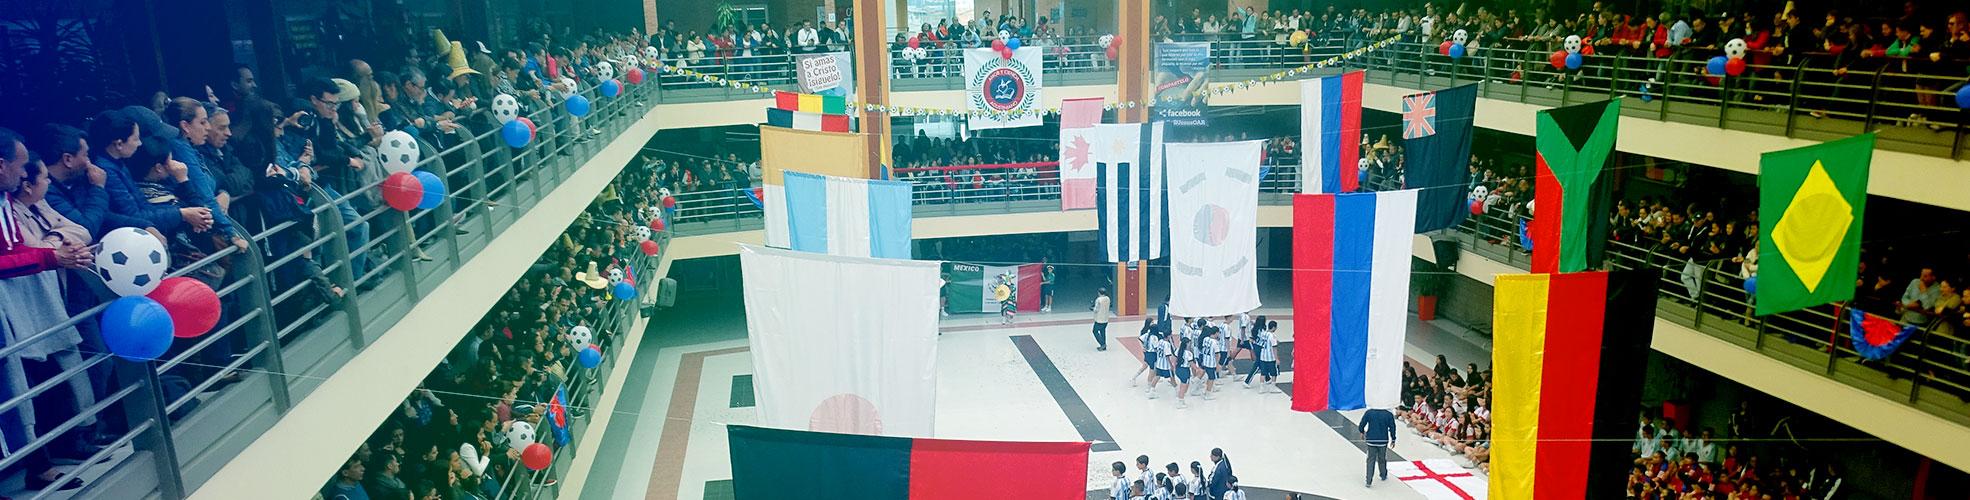 Escuelas deportivas y artisticas